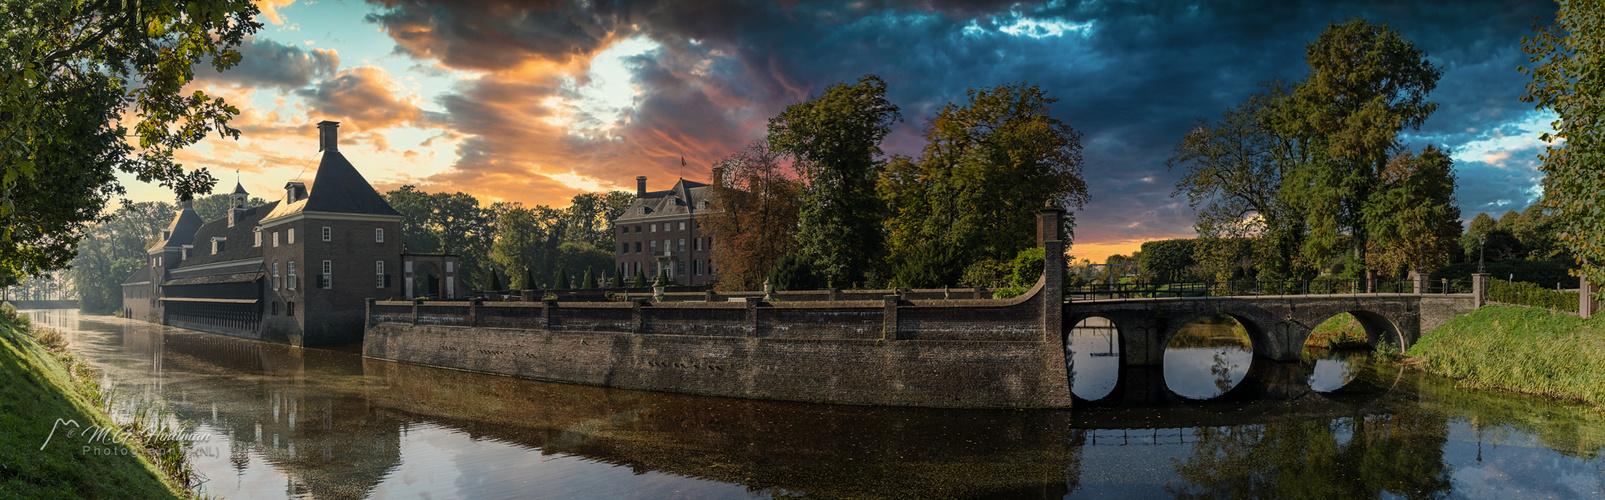 Amerongen Castle (NL)